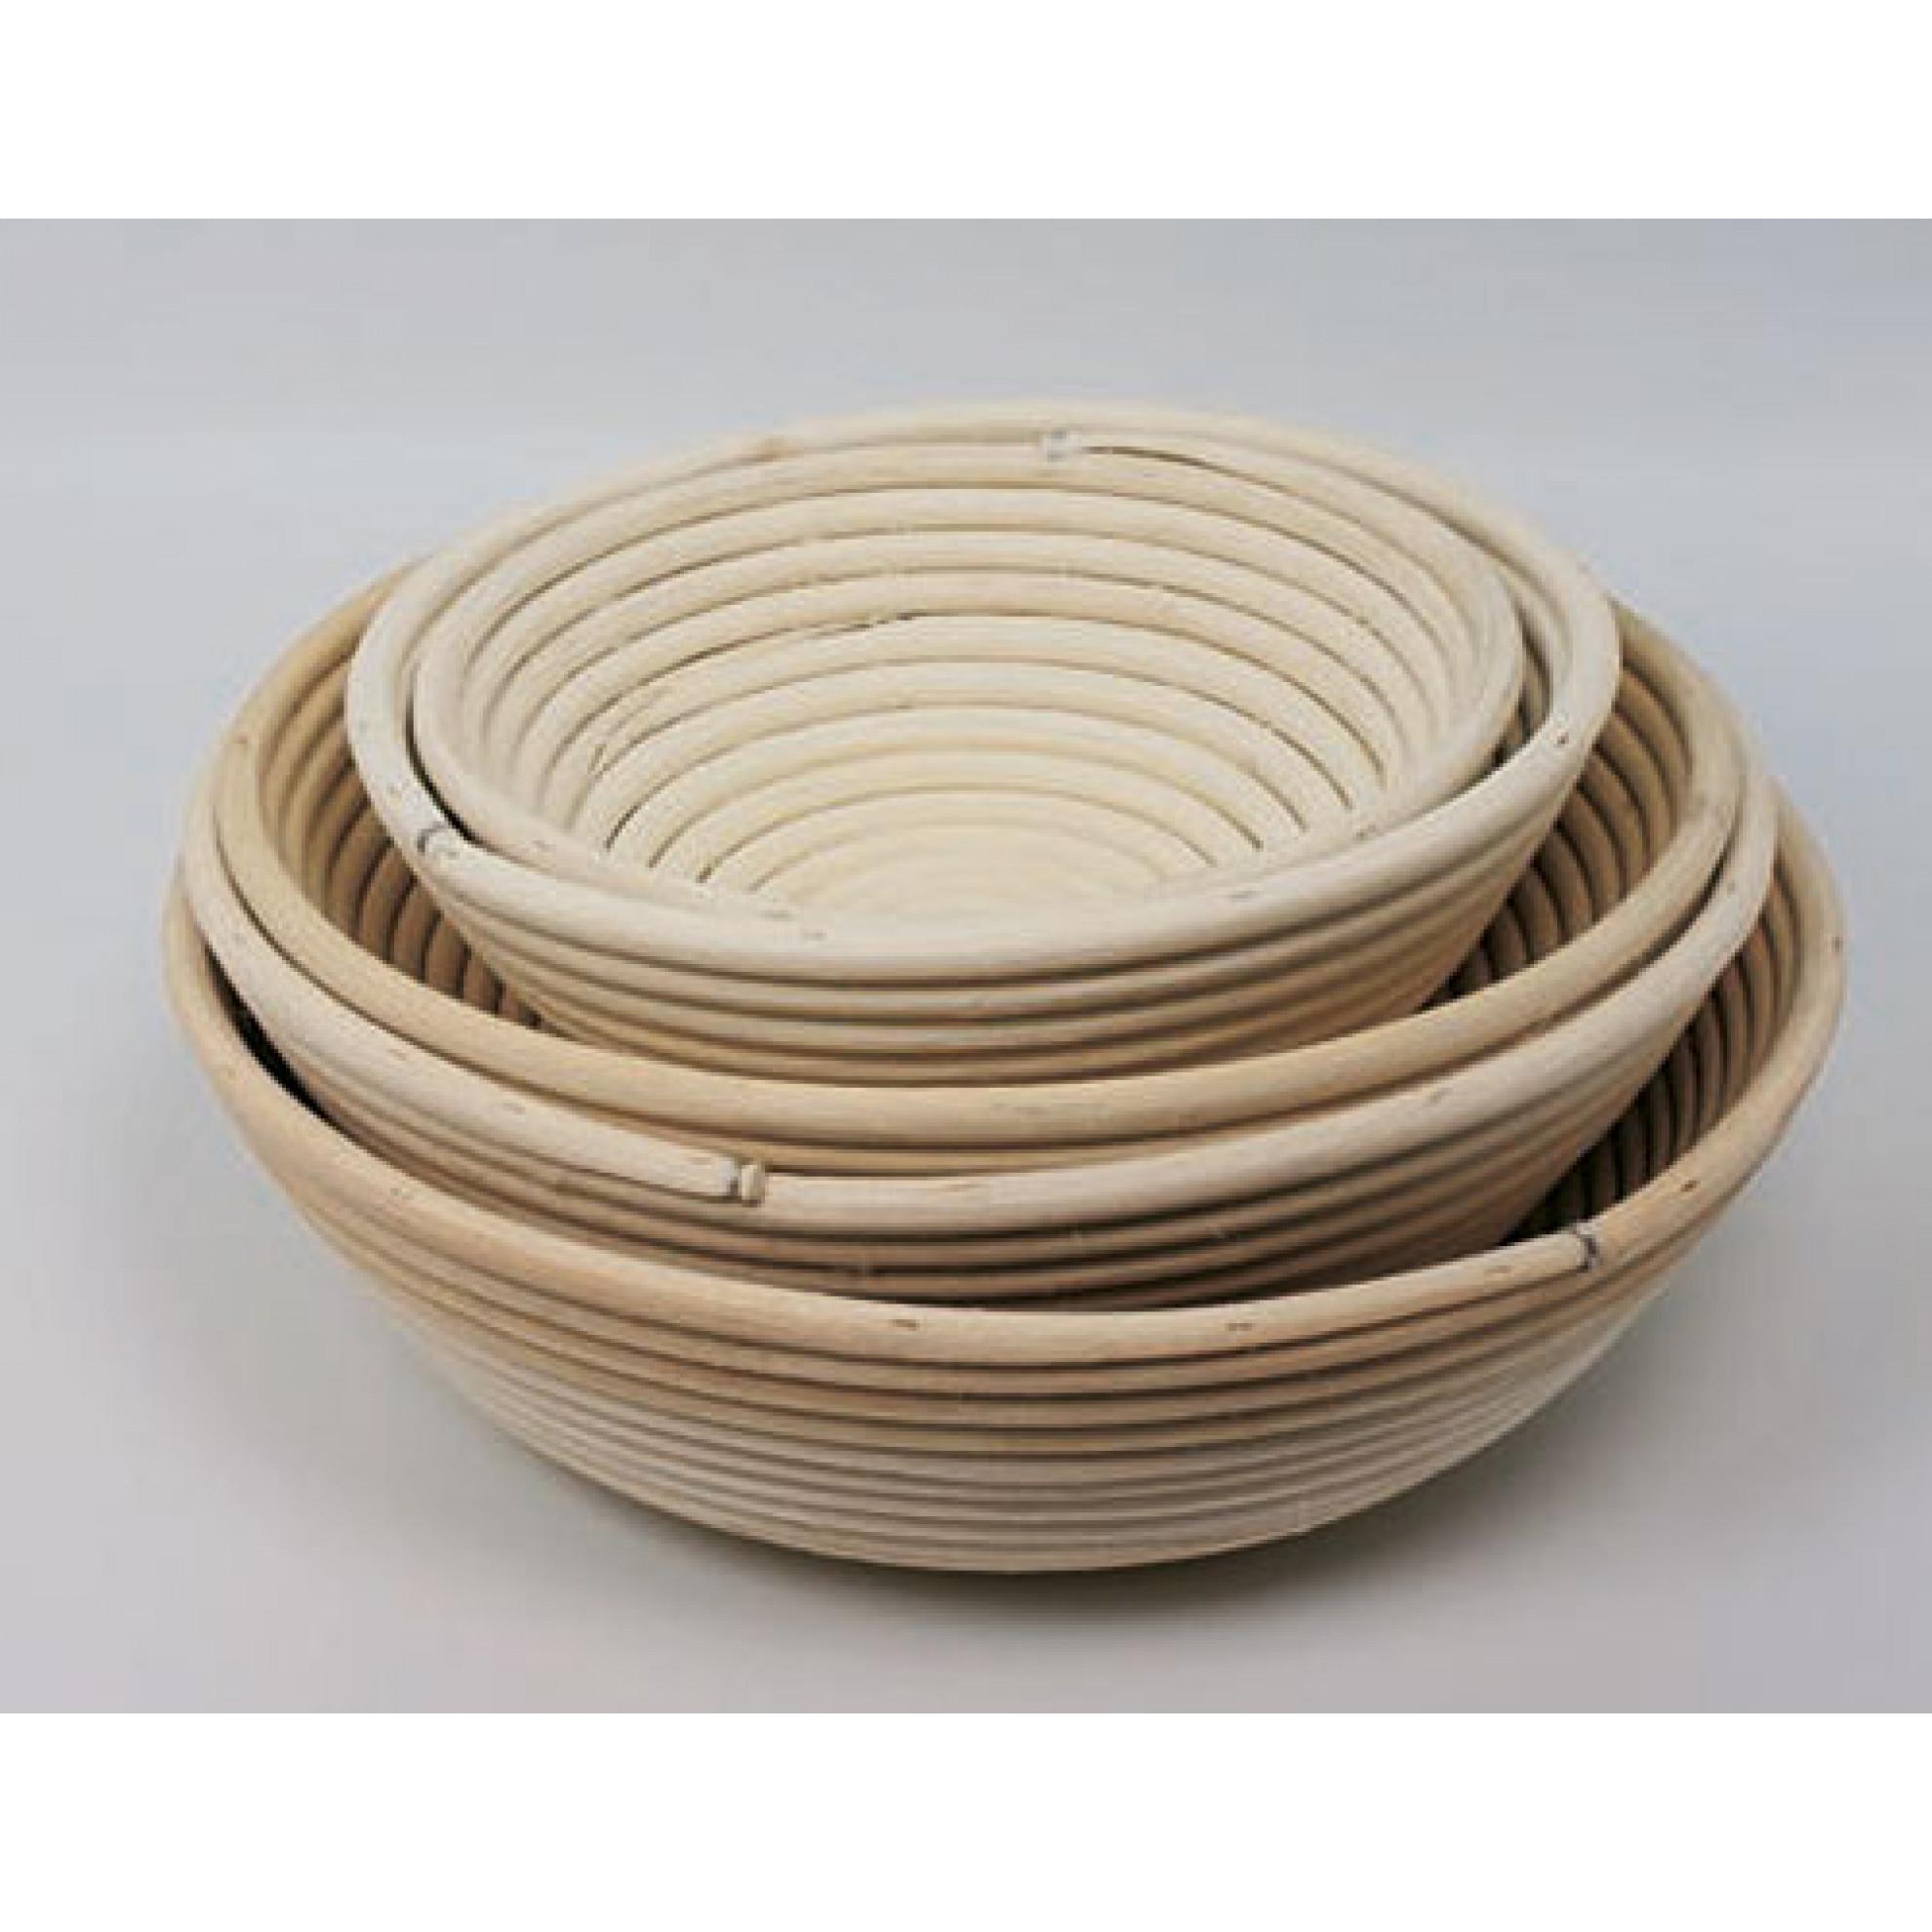 Banneton Bread Dough Proofing Basket Round 11inch 28cm